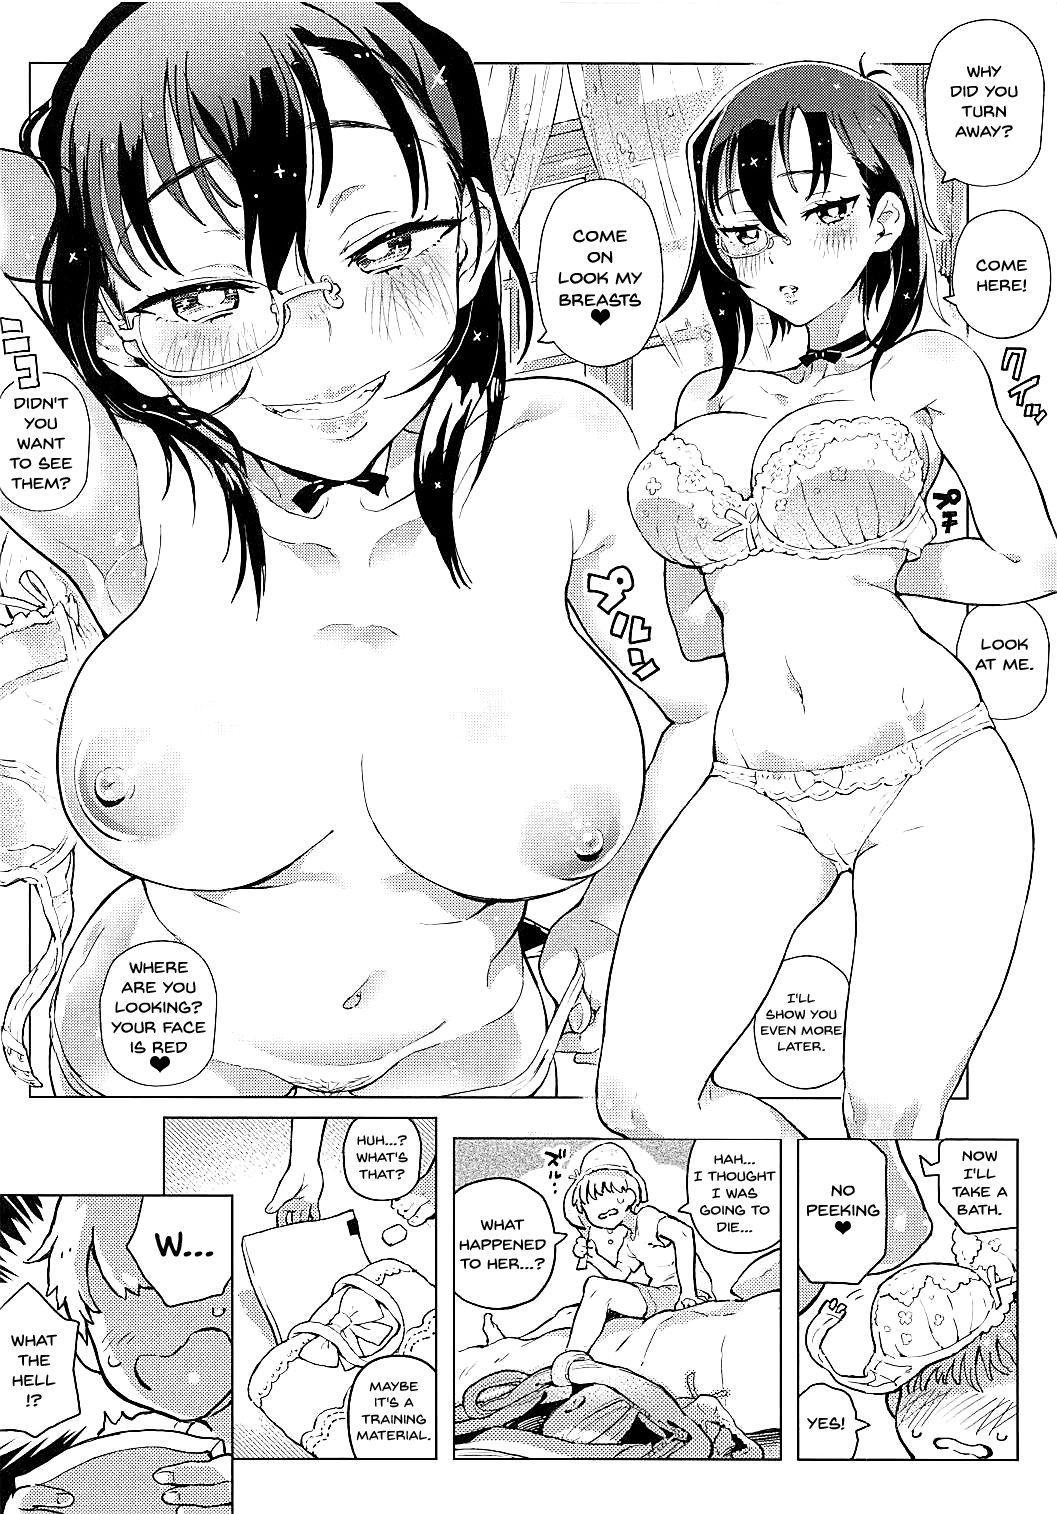 (Panzer Vor! 15) [Norinko] momon 2018-05 Hisshou Momo-chan Senpai no Perfect Date Plan (Girls und Panzer) [English] {Doujins.com} 3